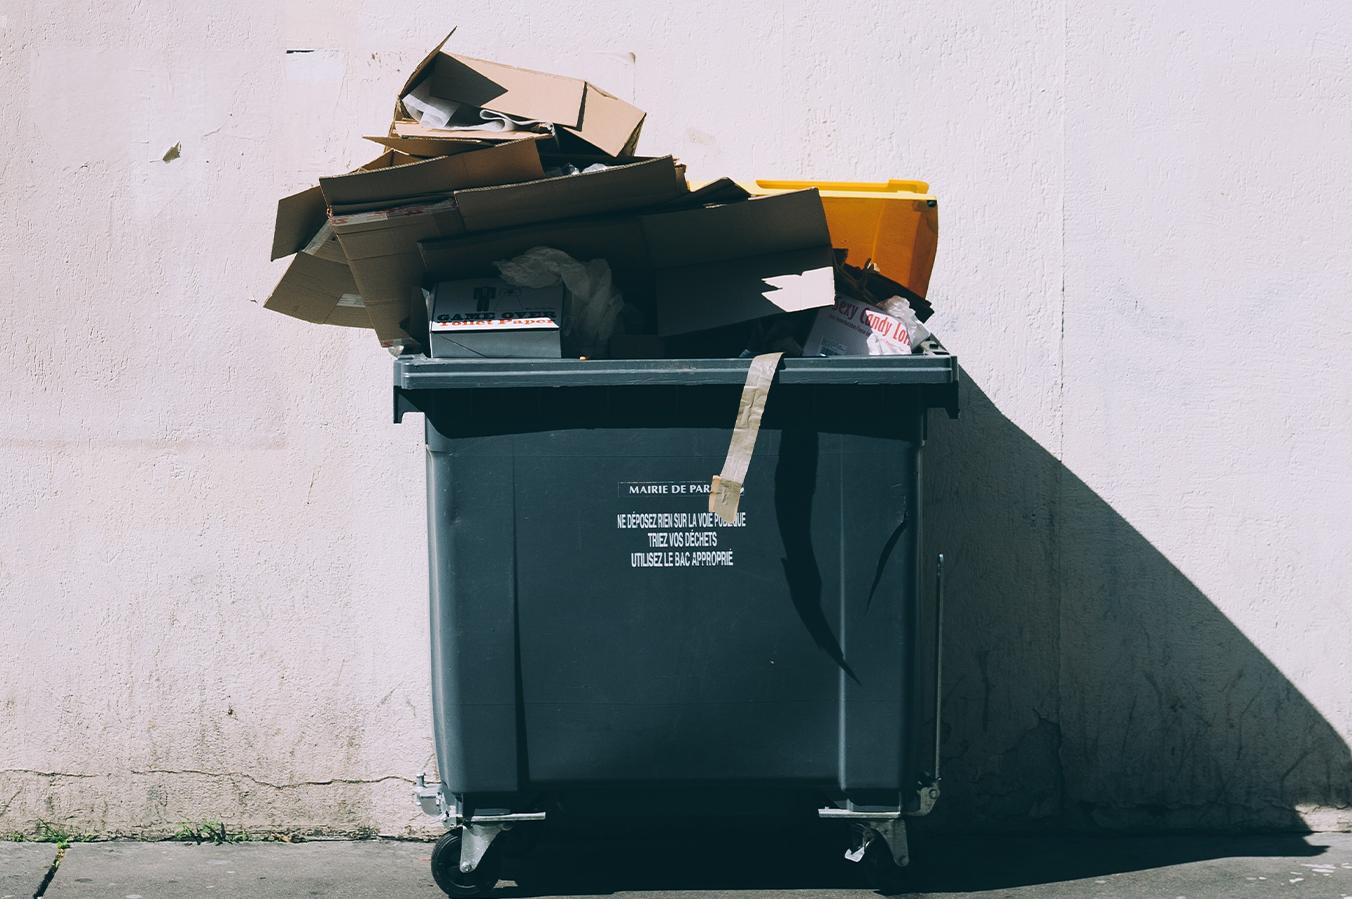 Jak správně třídit odpad aneb pravdy a mýty o recyklování